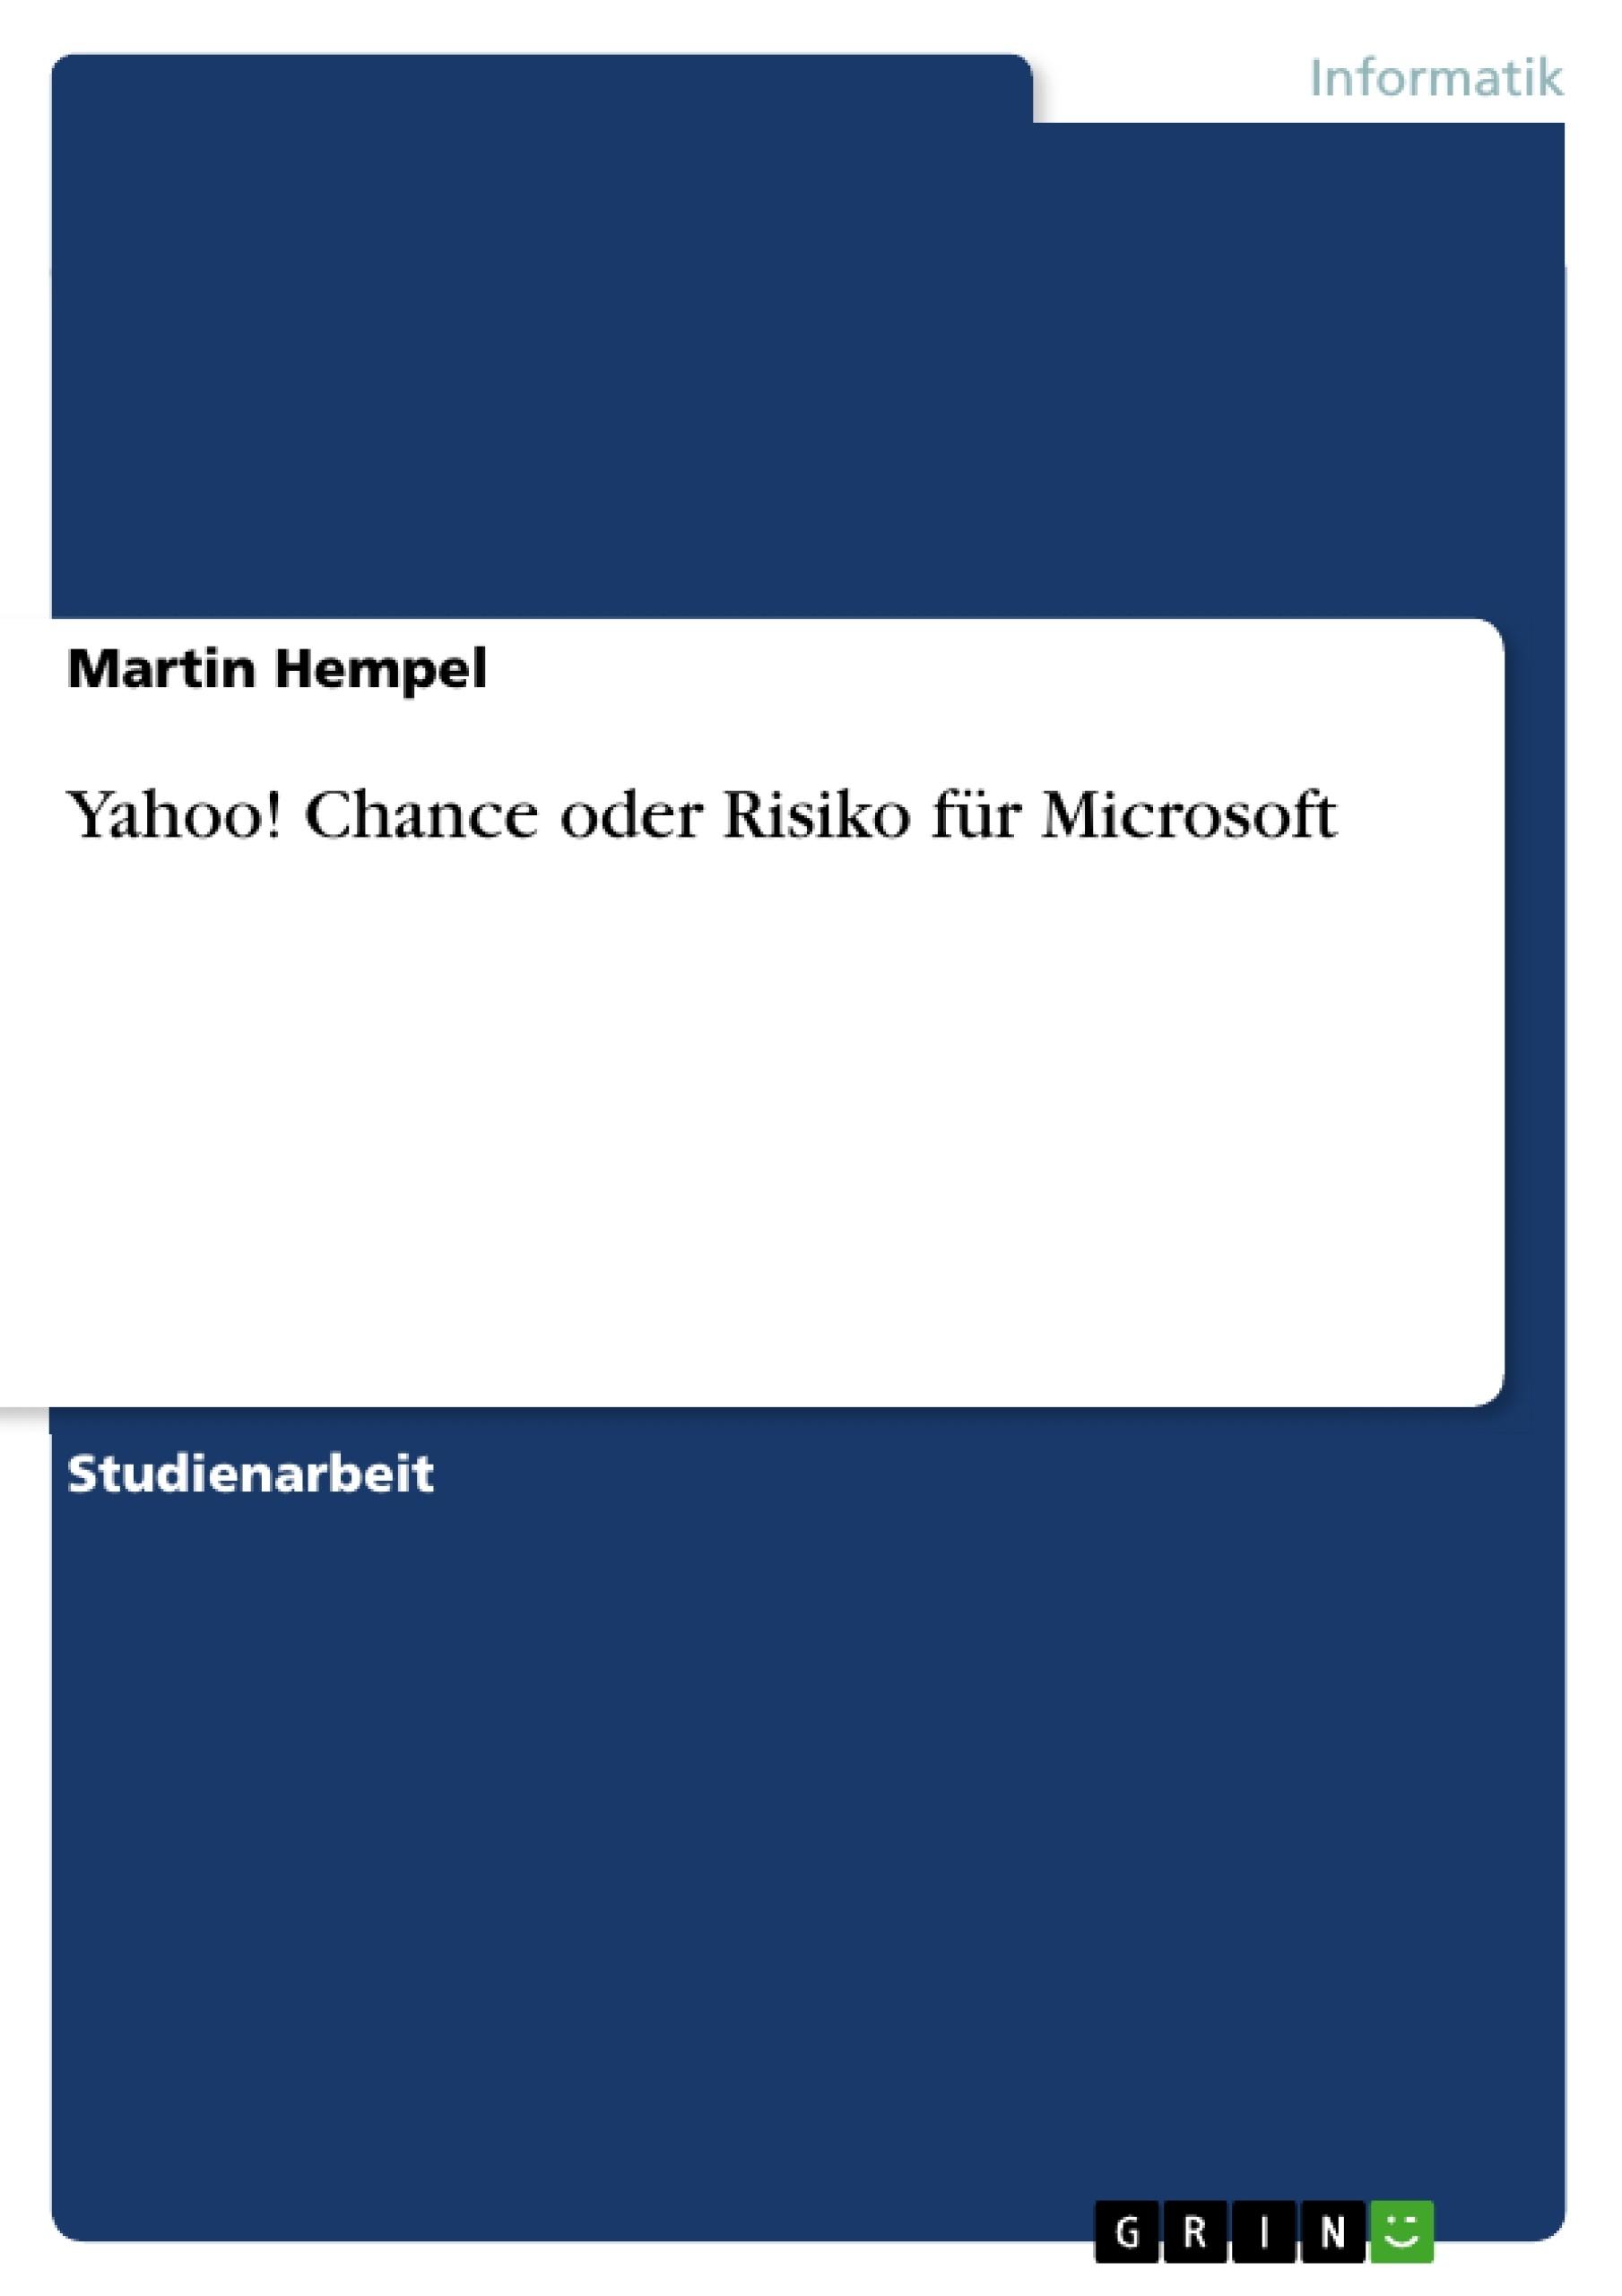 Titel: Yahoo! Chance oder Risiko für Microsoft